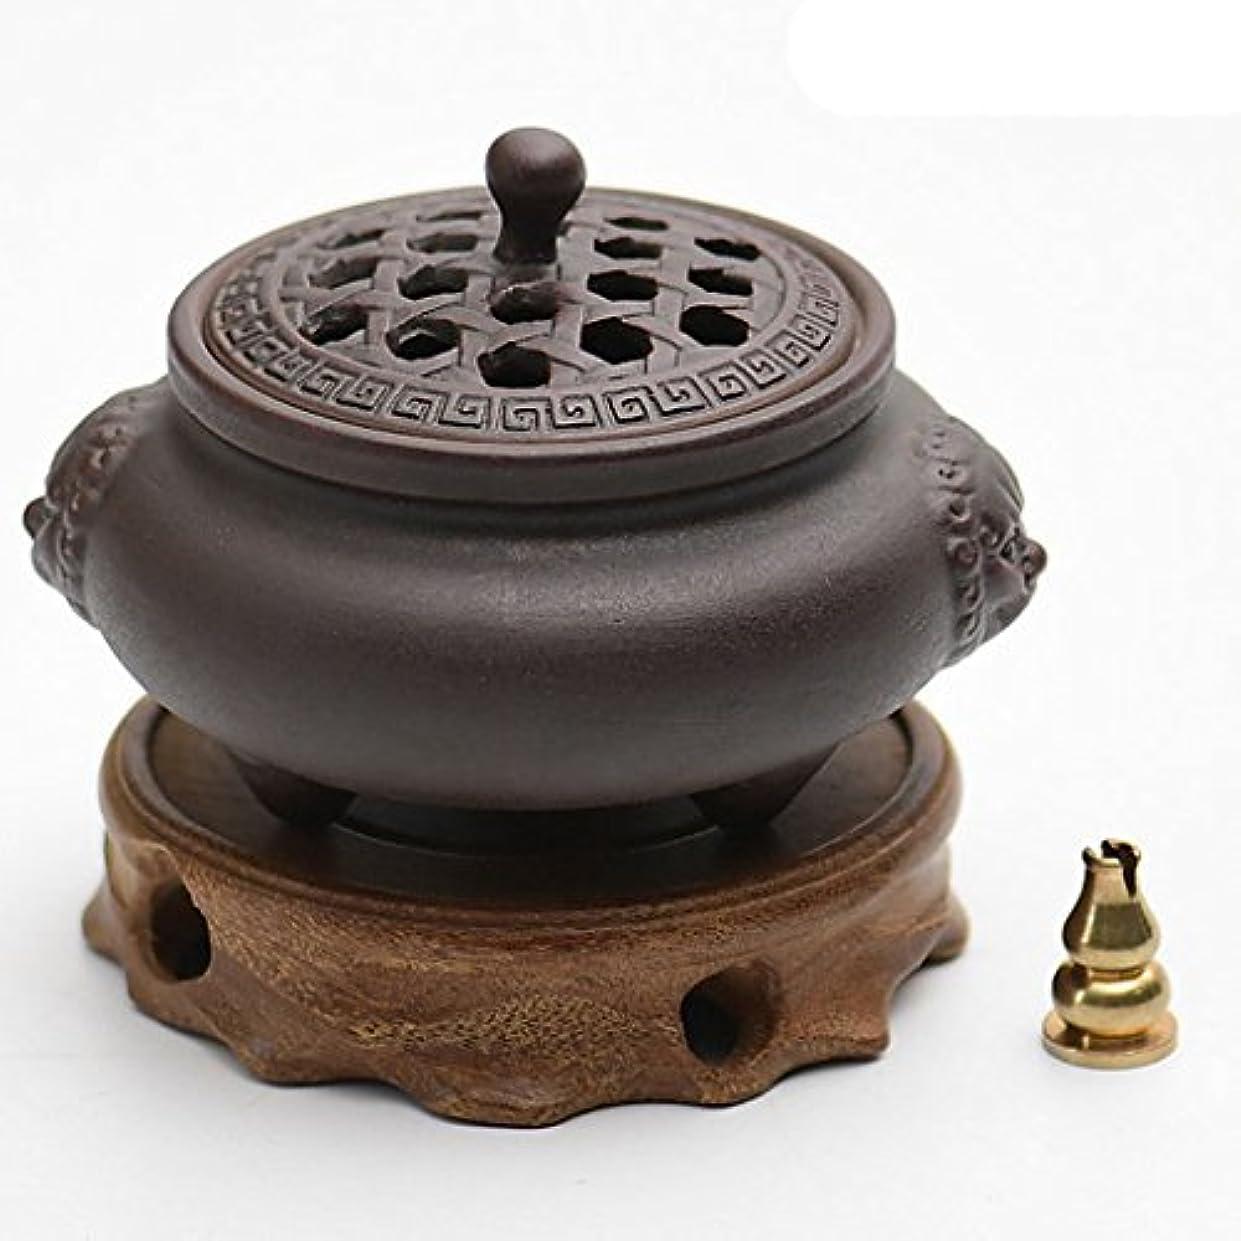 口頭振り子故意の(ラシューバー) Lasuiveur 香炉 線香立て 香立て 職人さんの手作り 茶道用品 おしゃれ  木製 透かし彫り